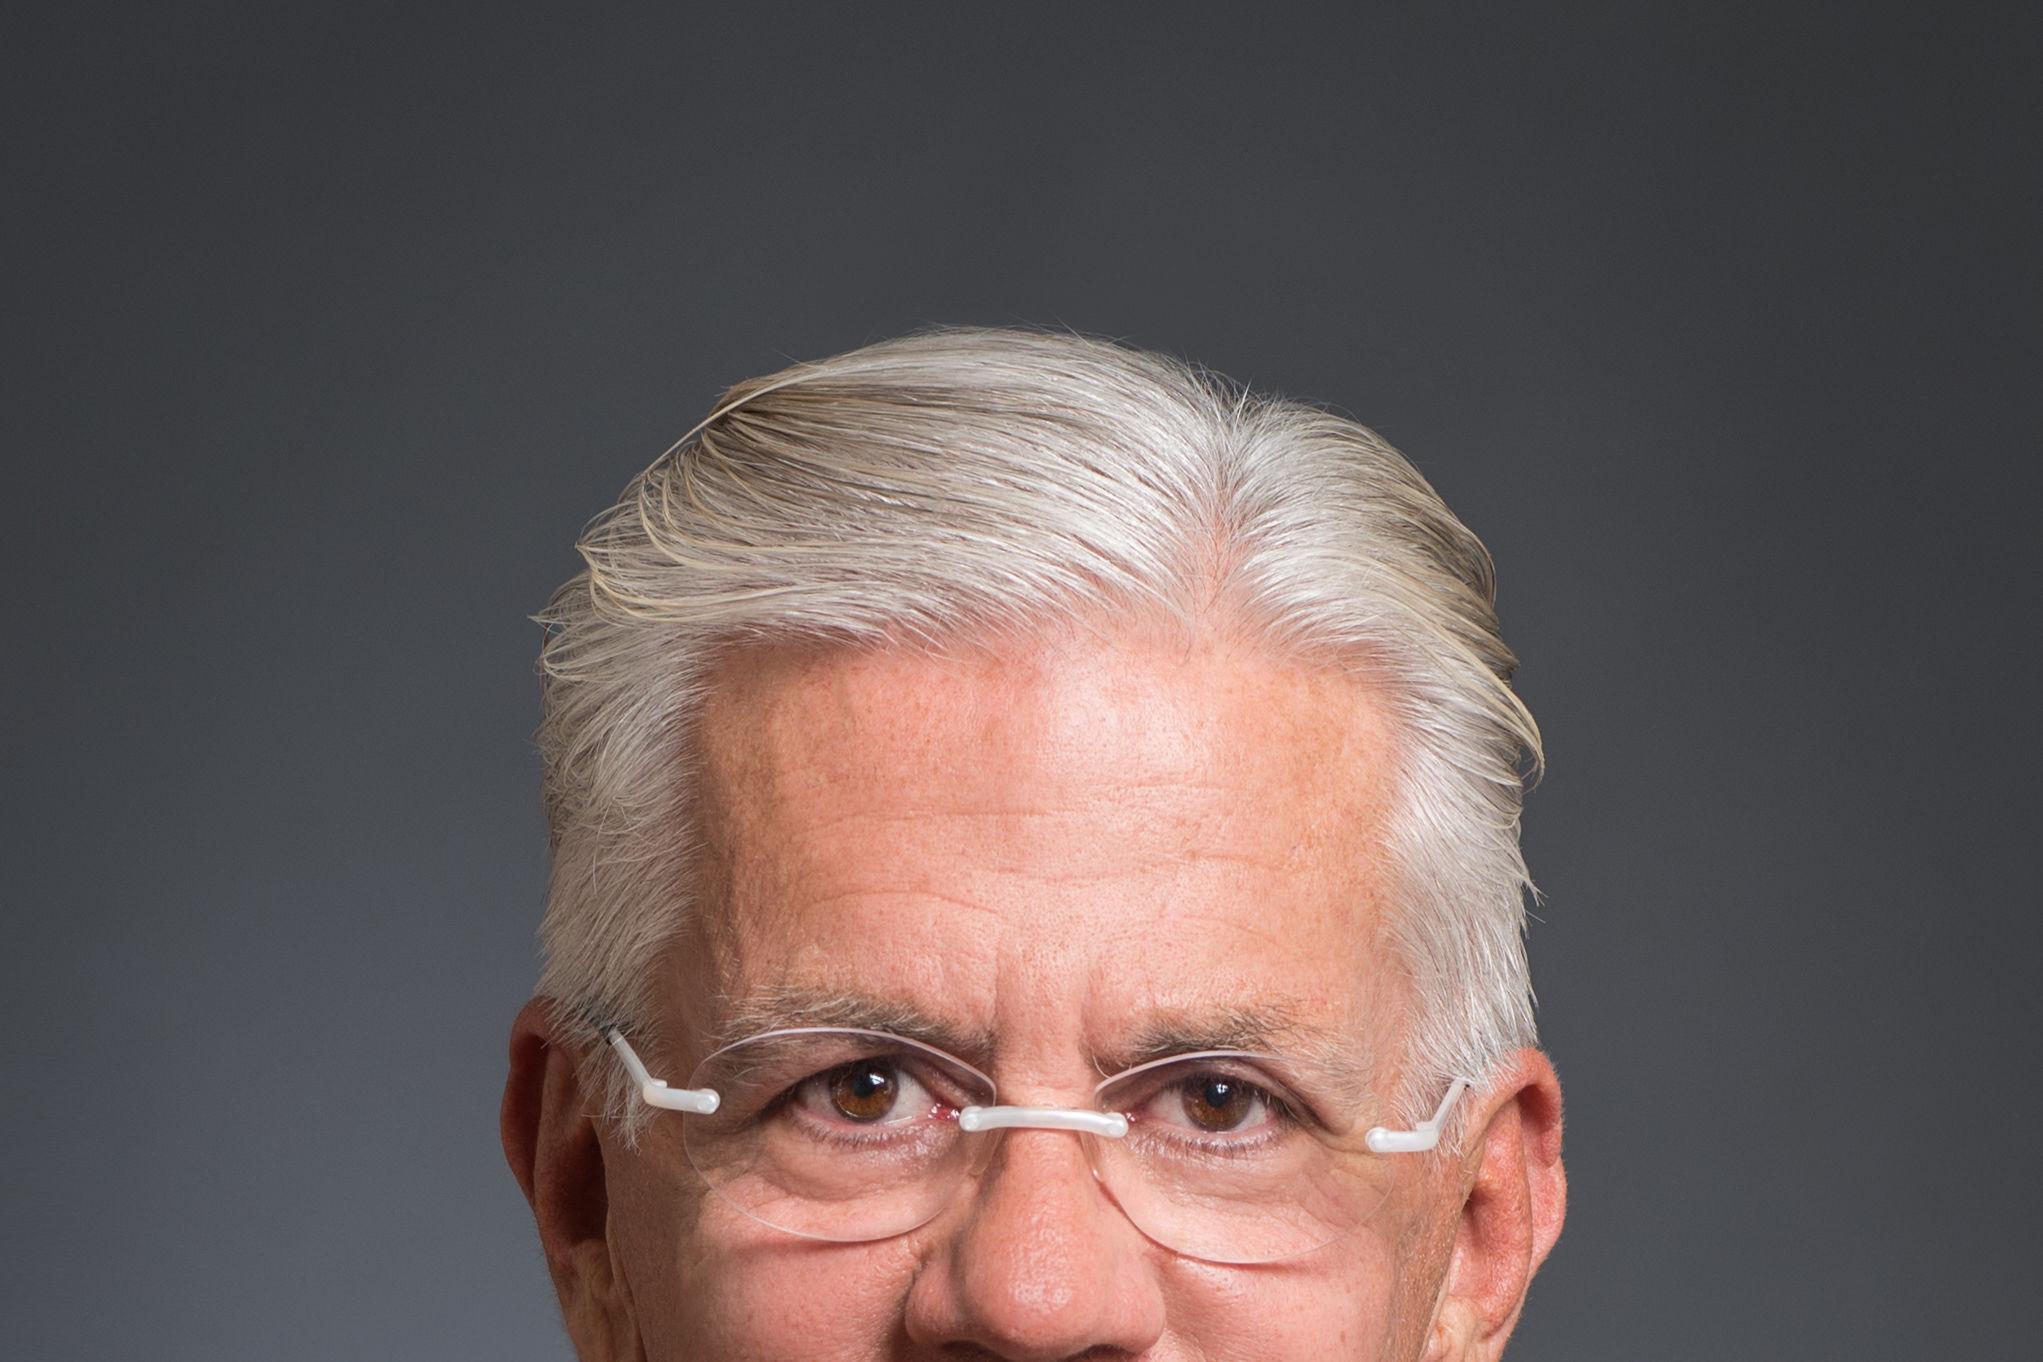 Scott george 88 crophrc wjjzq3